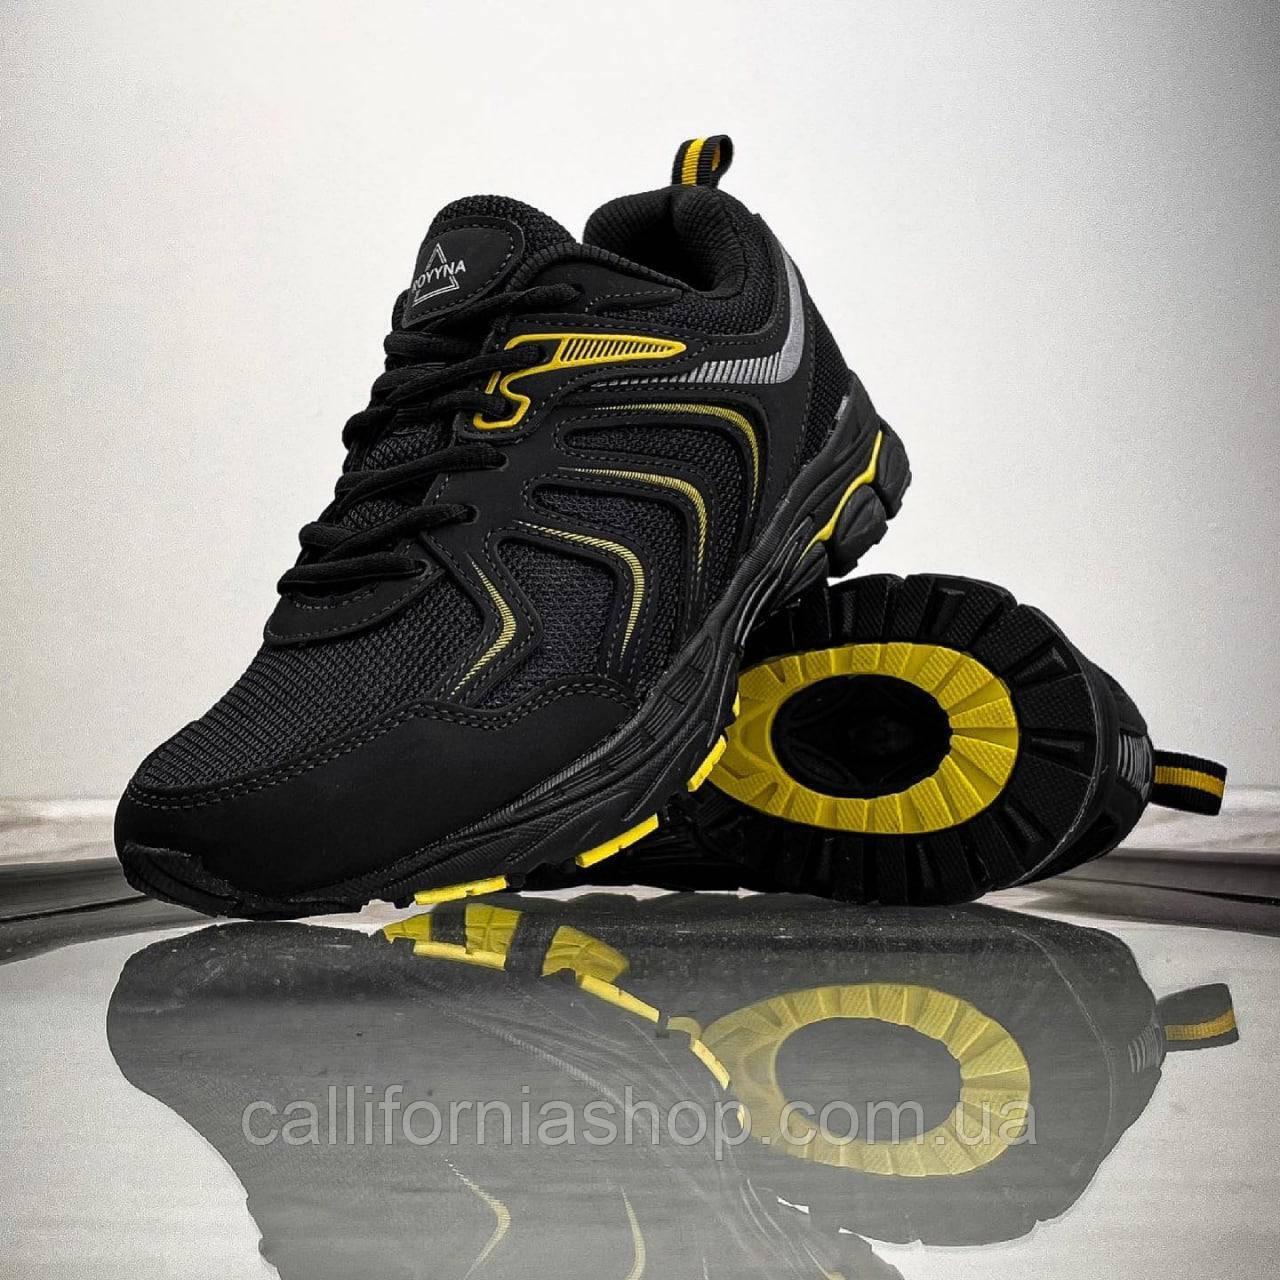 Мужские кроссовки кожаные со вставками из сетки цвет черный с желтым